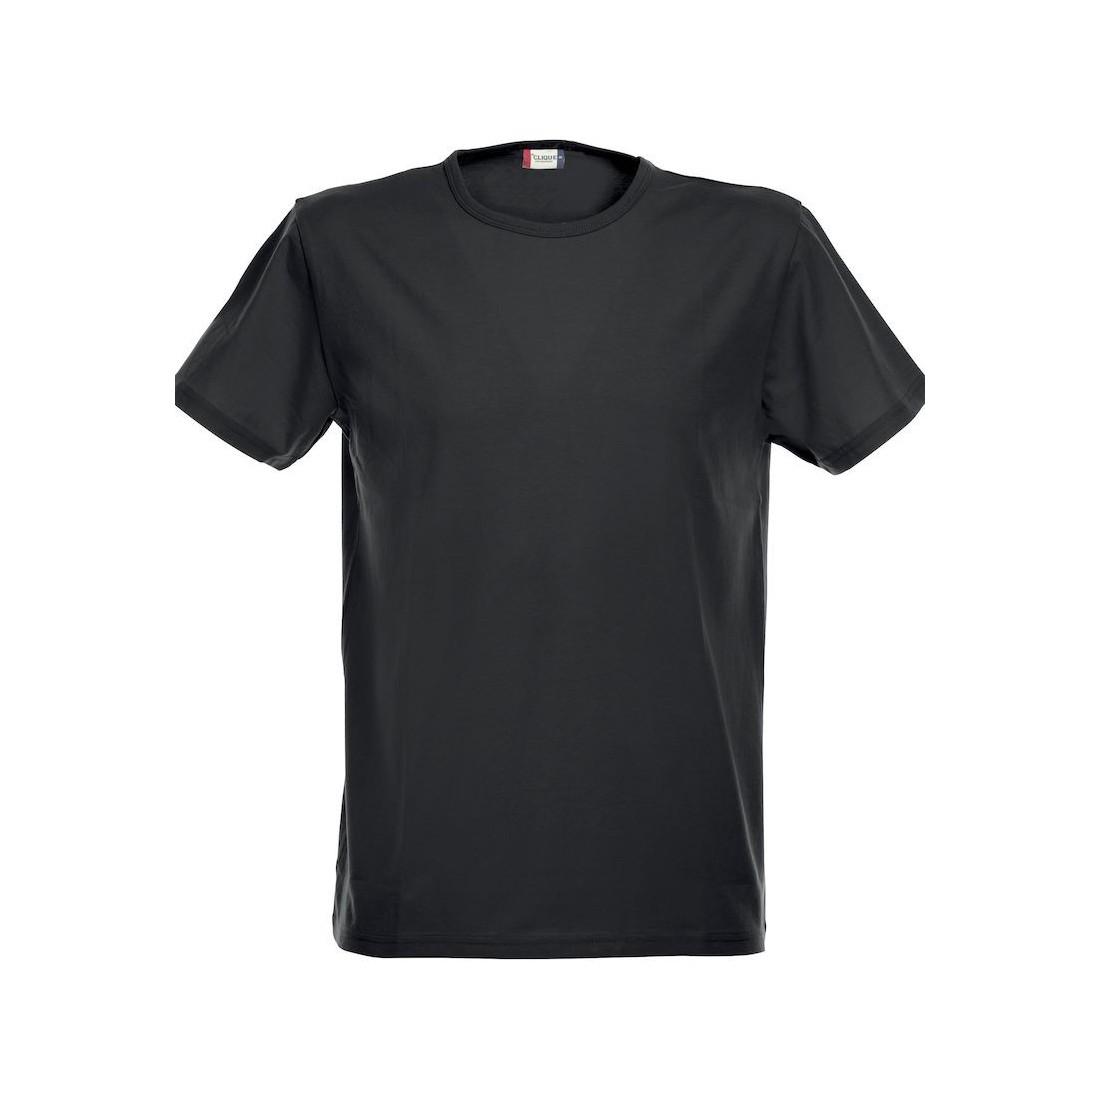 Camiseta para hombre modelo STRECH-T